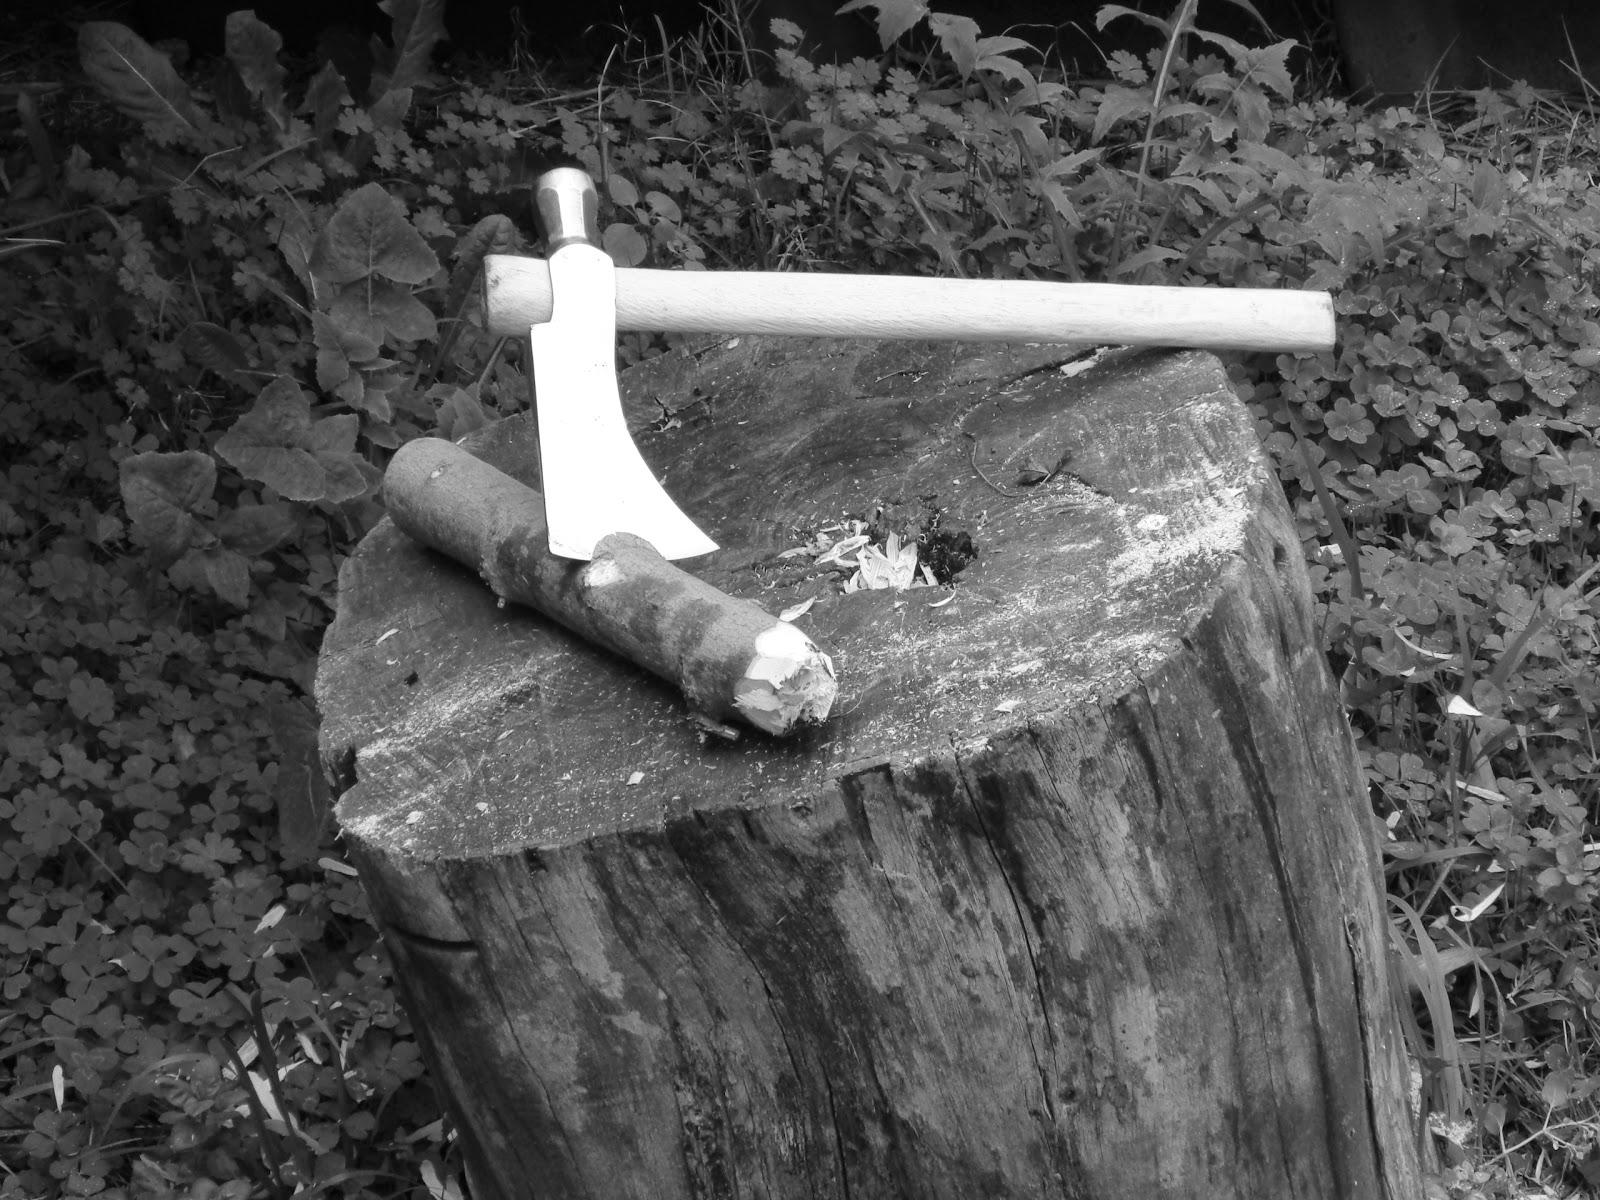 El Bolihawk! Tomahawk confeccionado con un martillo bolita DSC02171